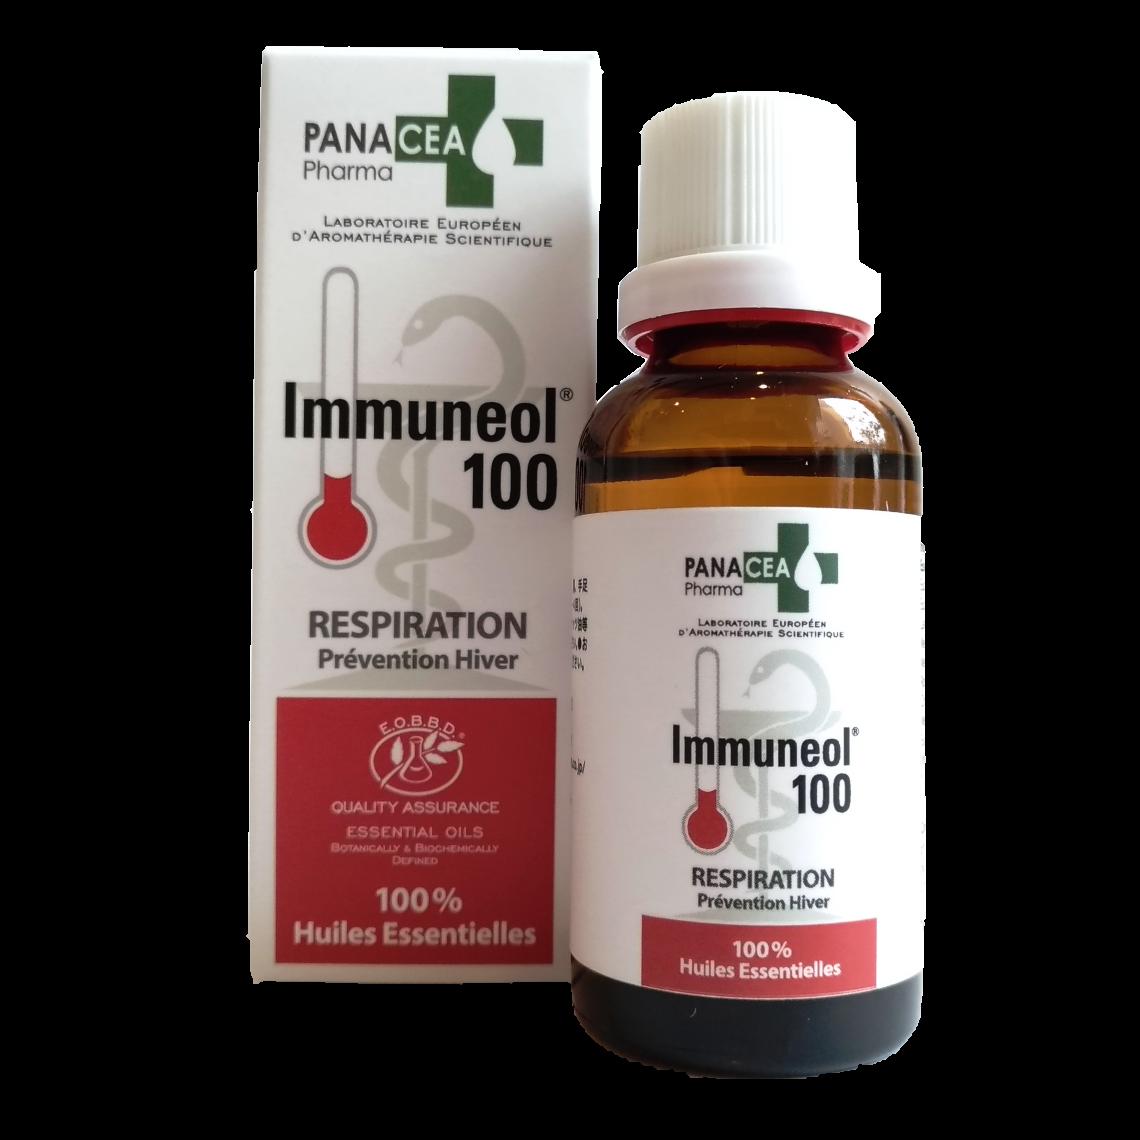 【送料無料】 イムネオール100 (Immuneol 100) 30ml ブレンドエッセンシャルオイルパナセアファルマ PANACEA pharma